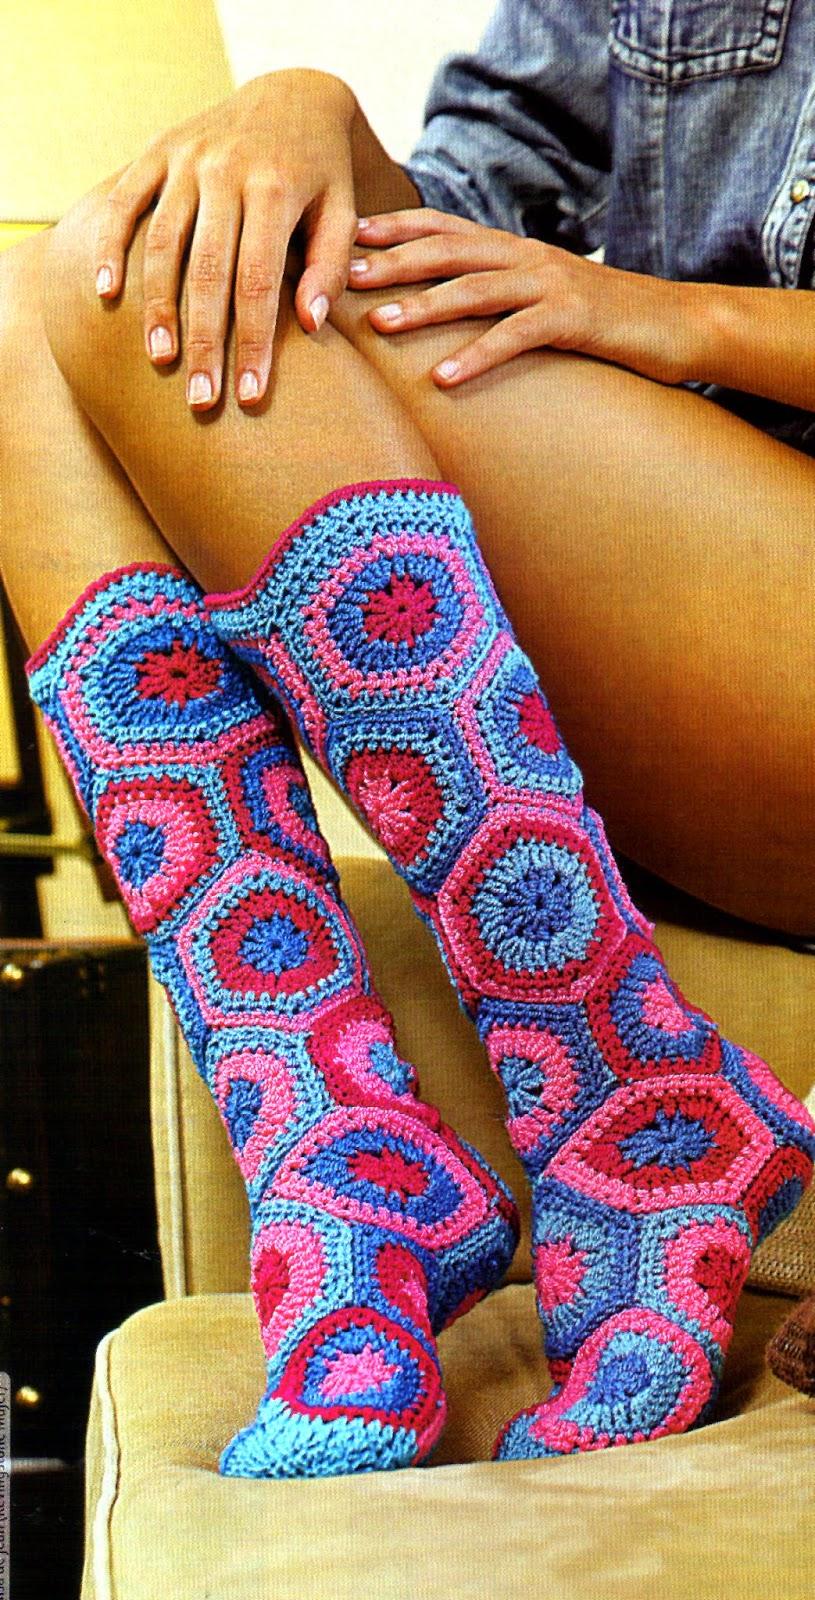 Вязание крючком сапожек и носков